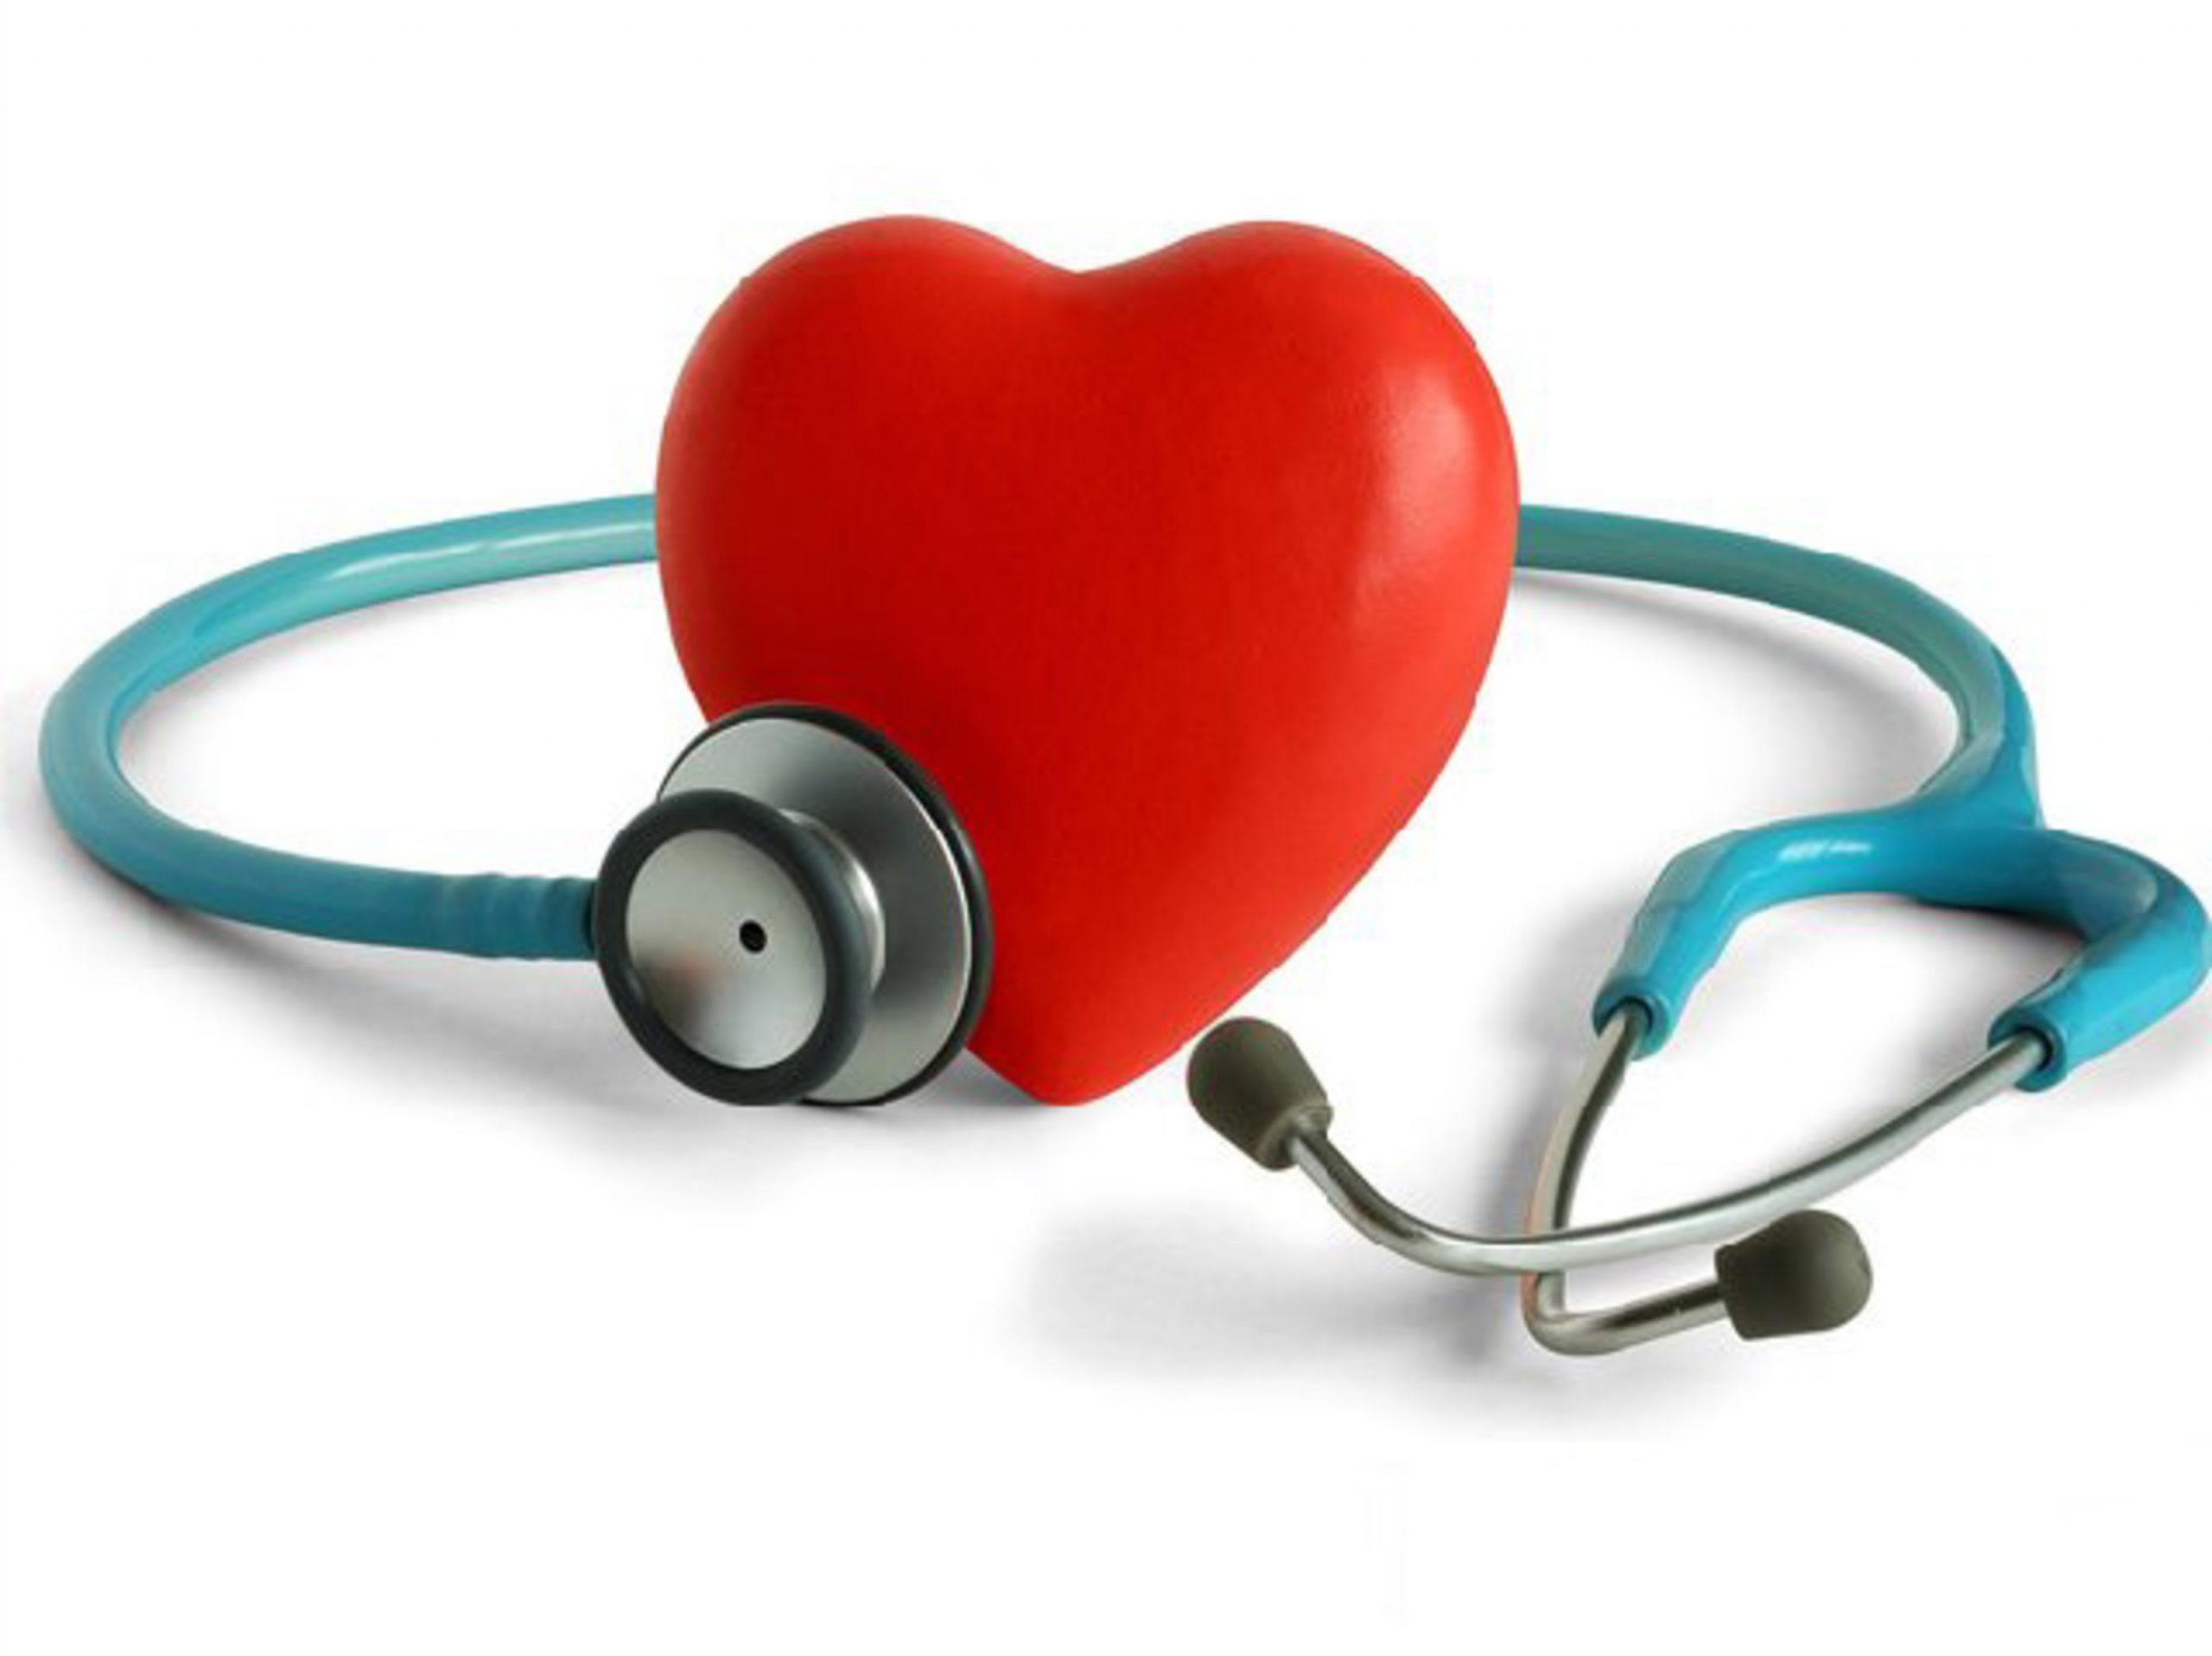 Fysiotherapie Ridderkerk: Oefengroep hartrevalidatie